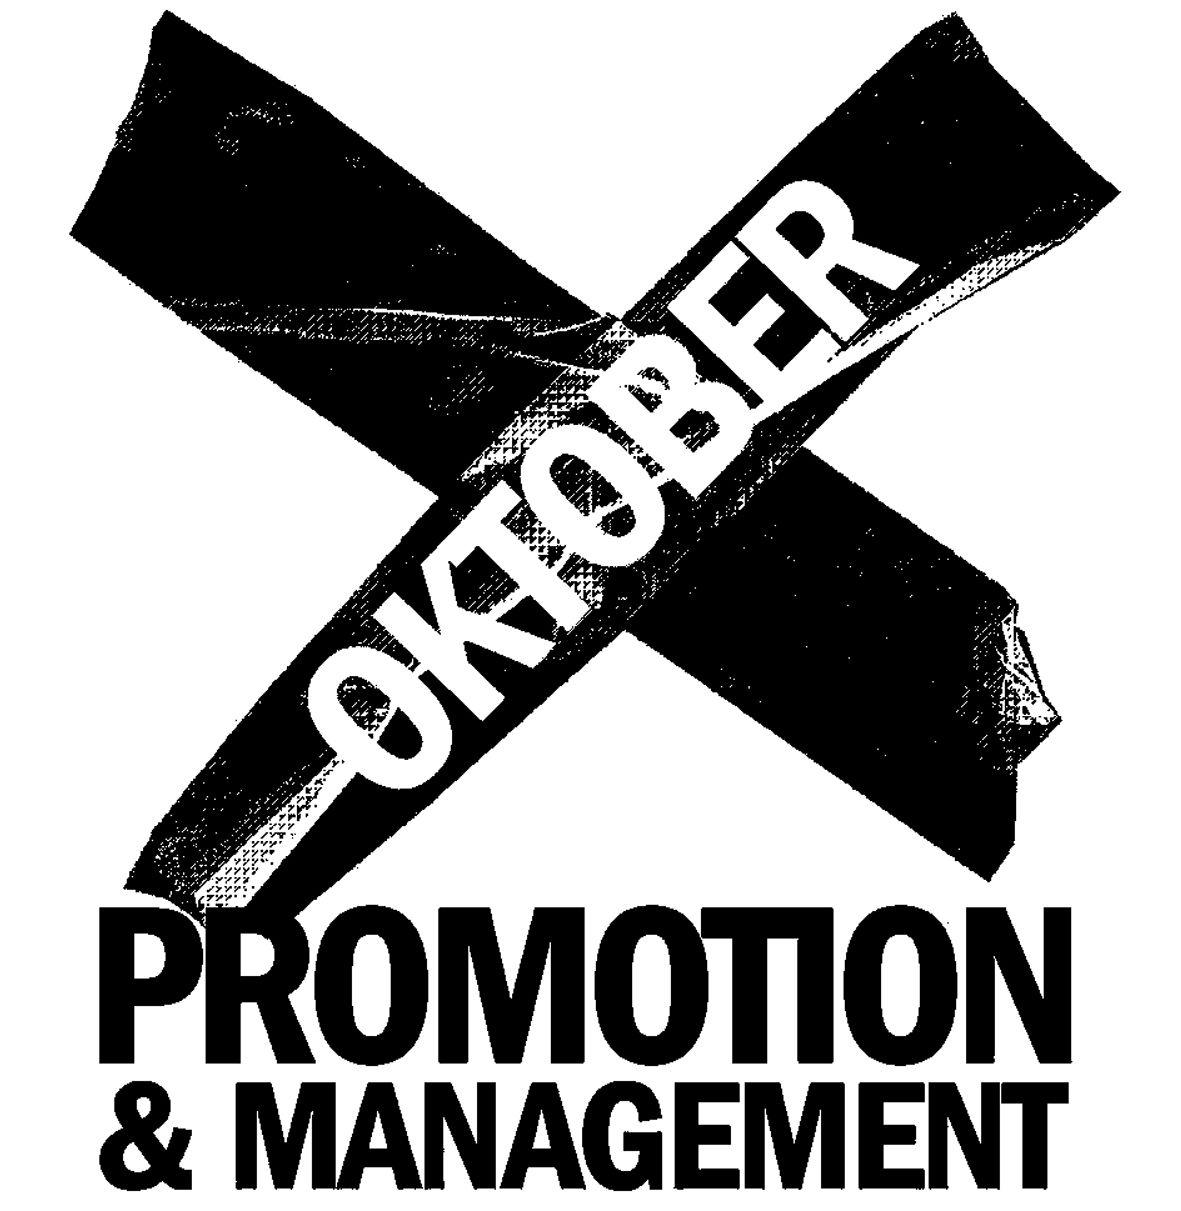 Oktober Promotion & Management